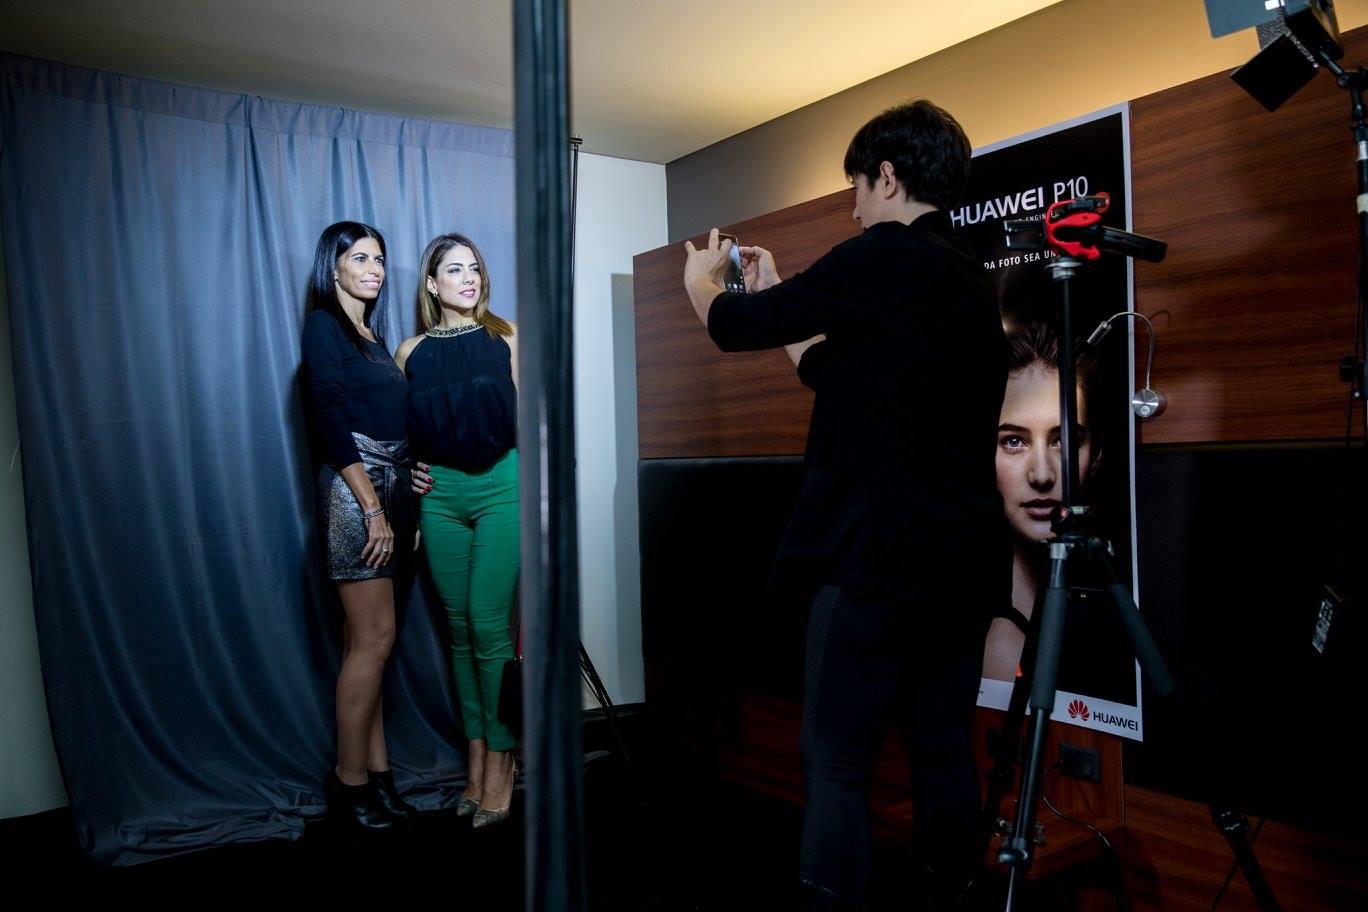 Estudio profesional de fotos Huawei. Fotos: Asunción Fashion Week.